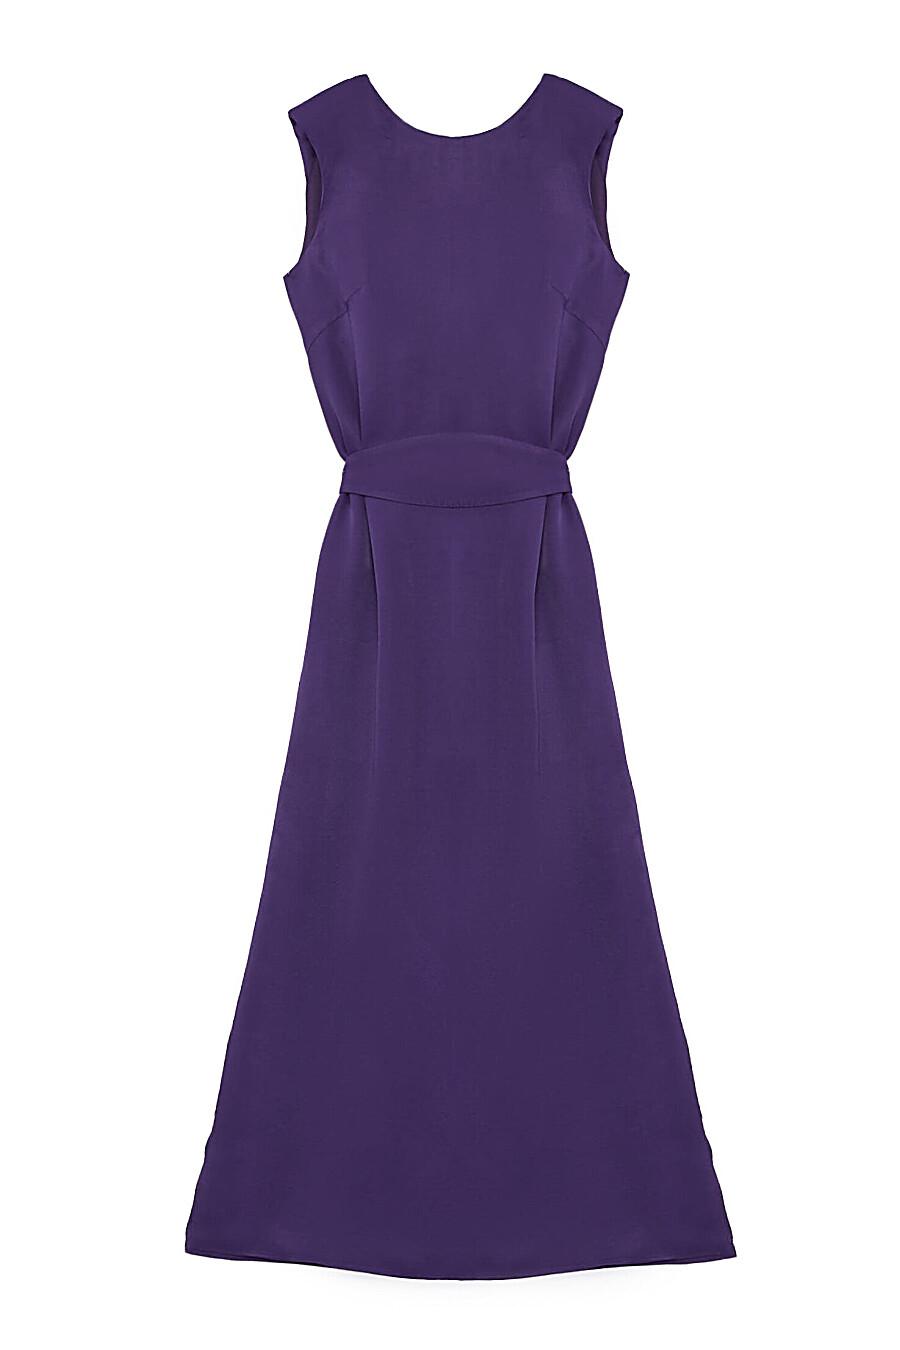 Платье для женщин CALISTA 707297 купить оптом от производителя. Совместная покупка женской одежды в OptMoyo